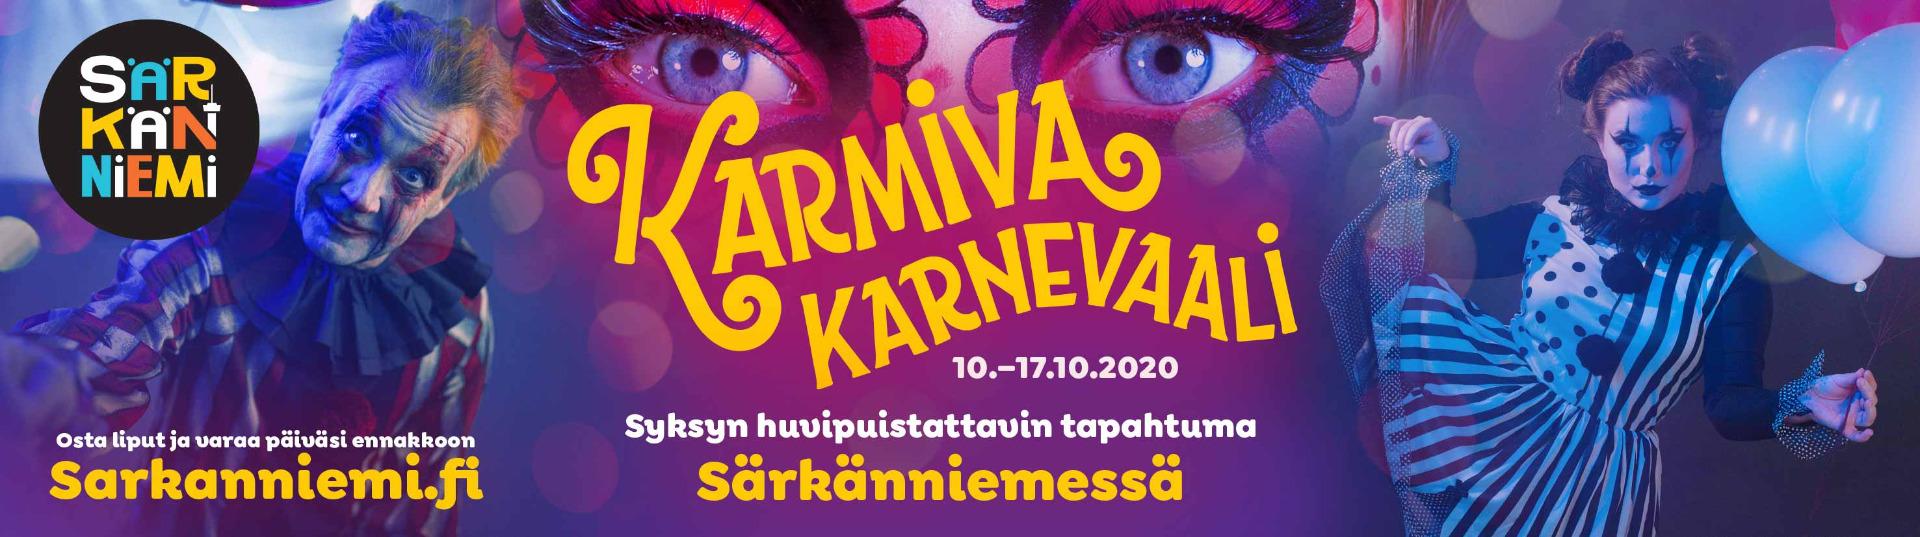 Karmiva Karnevaali 10.-17.10.2020